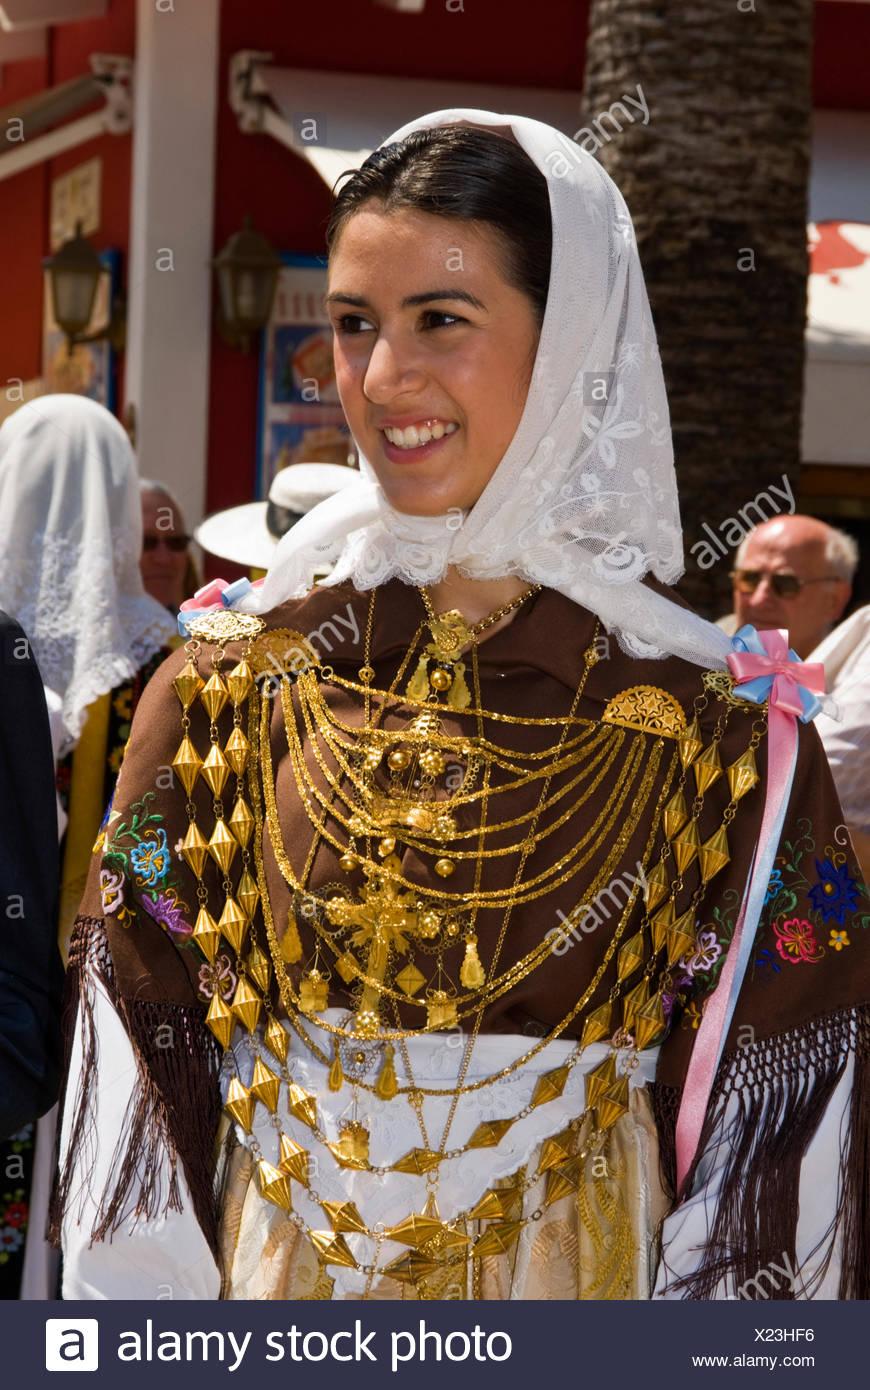 Typical costume im genes de stock typical costume fotos de stock alamy - Las chicas de oro espana ...